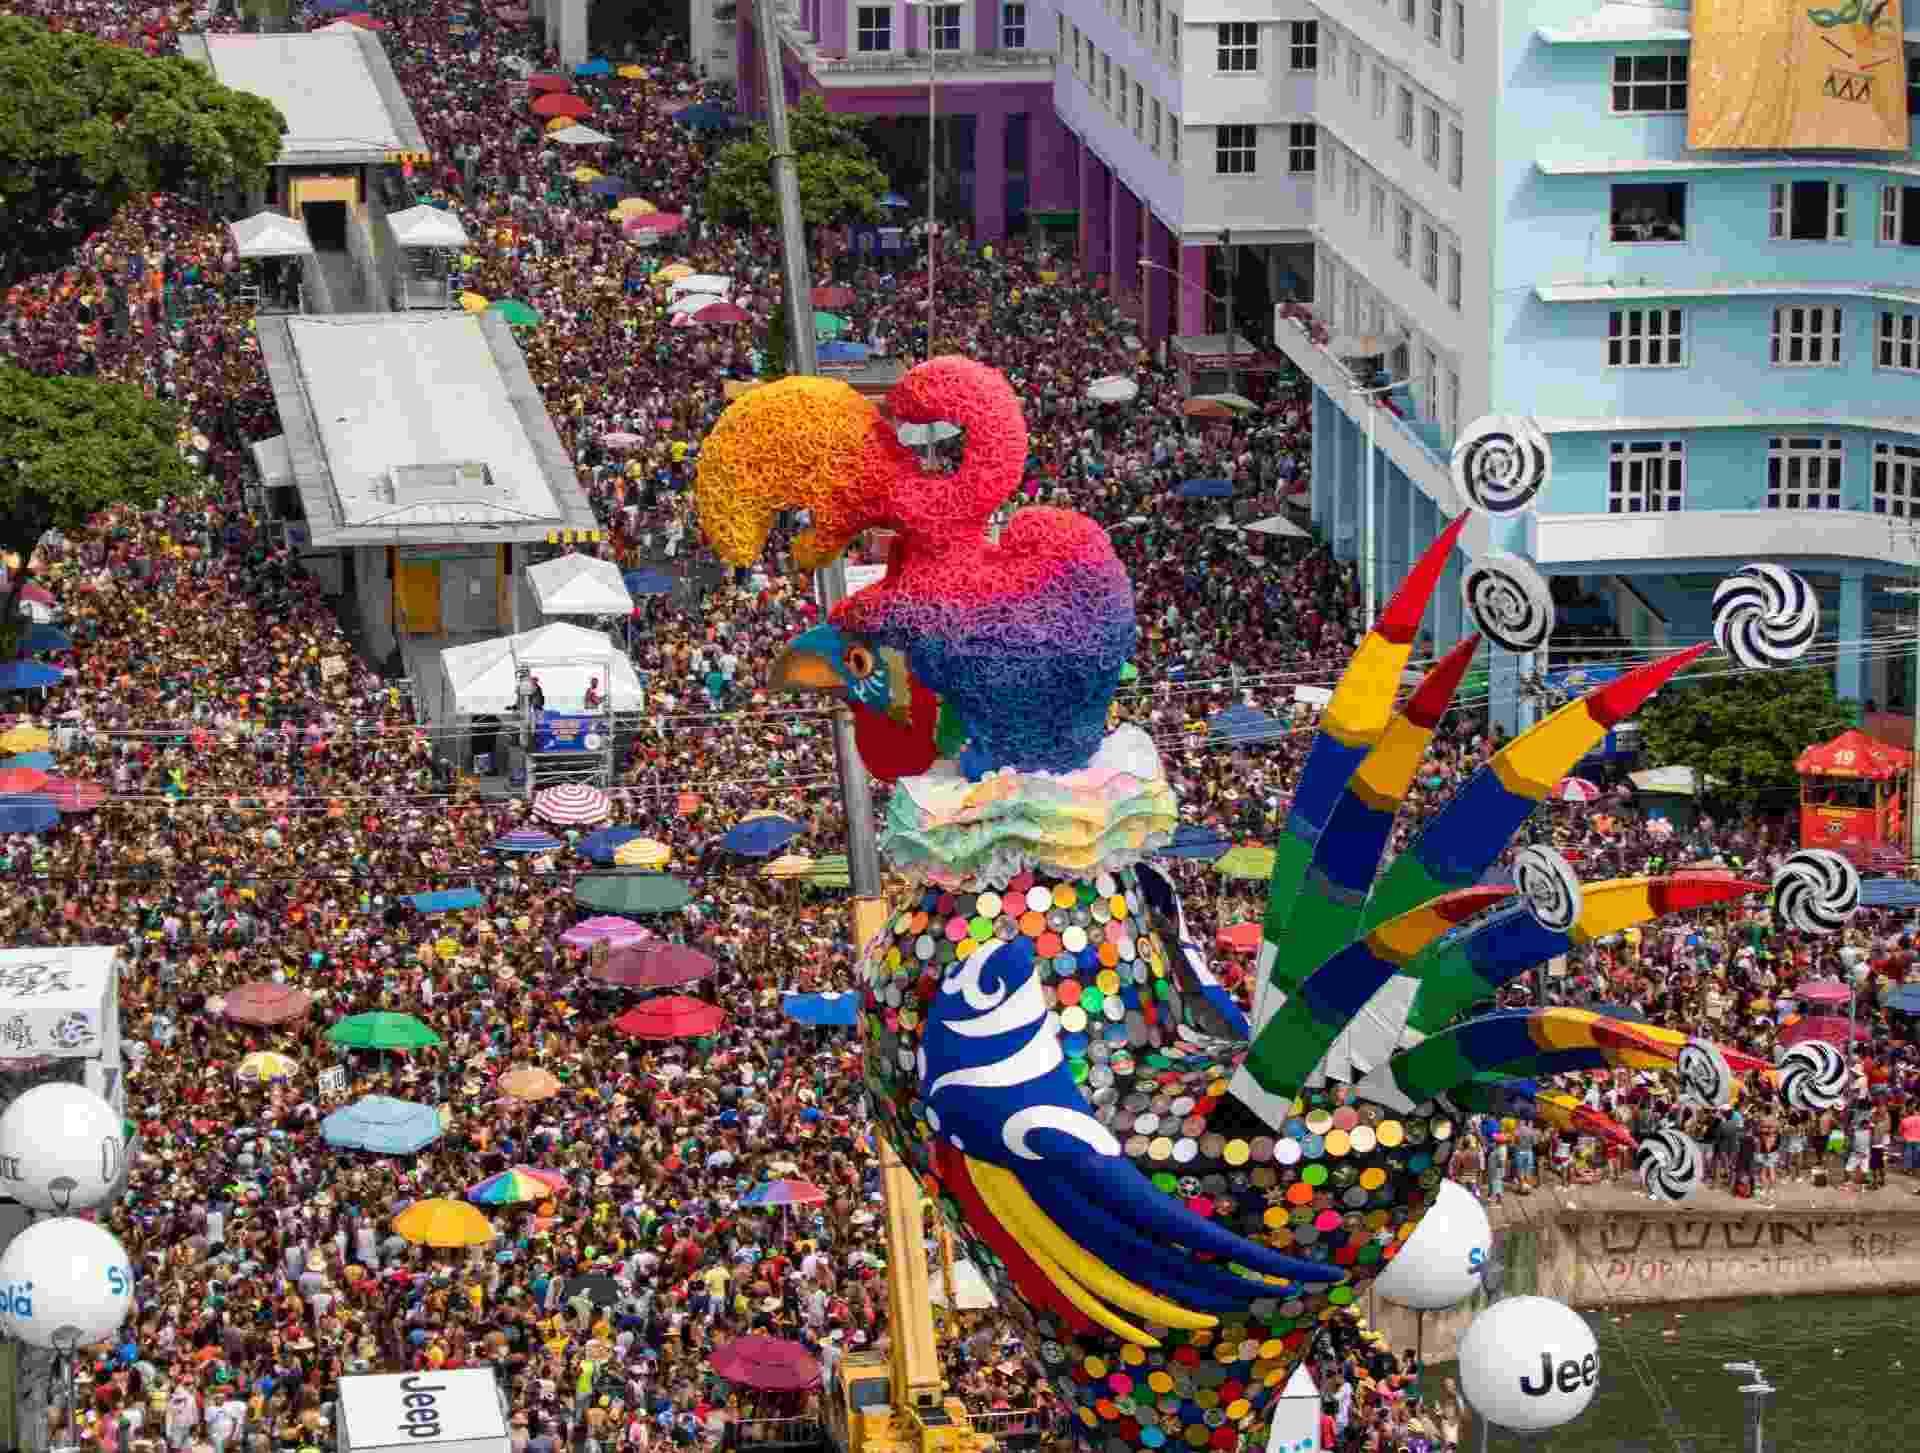 Galo da Madrugada arrasta foliões em Recife - ANA LEAL/O FOTOGRÁFICO/ESTADÃO CONTEÚDO